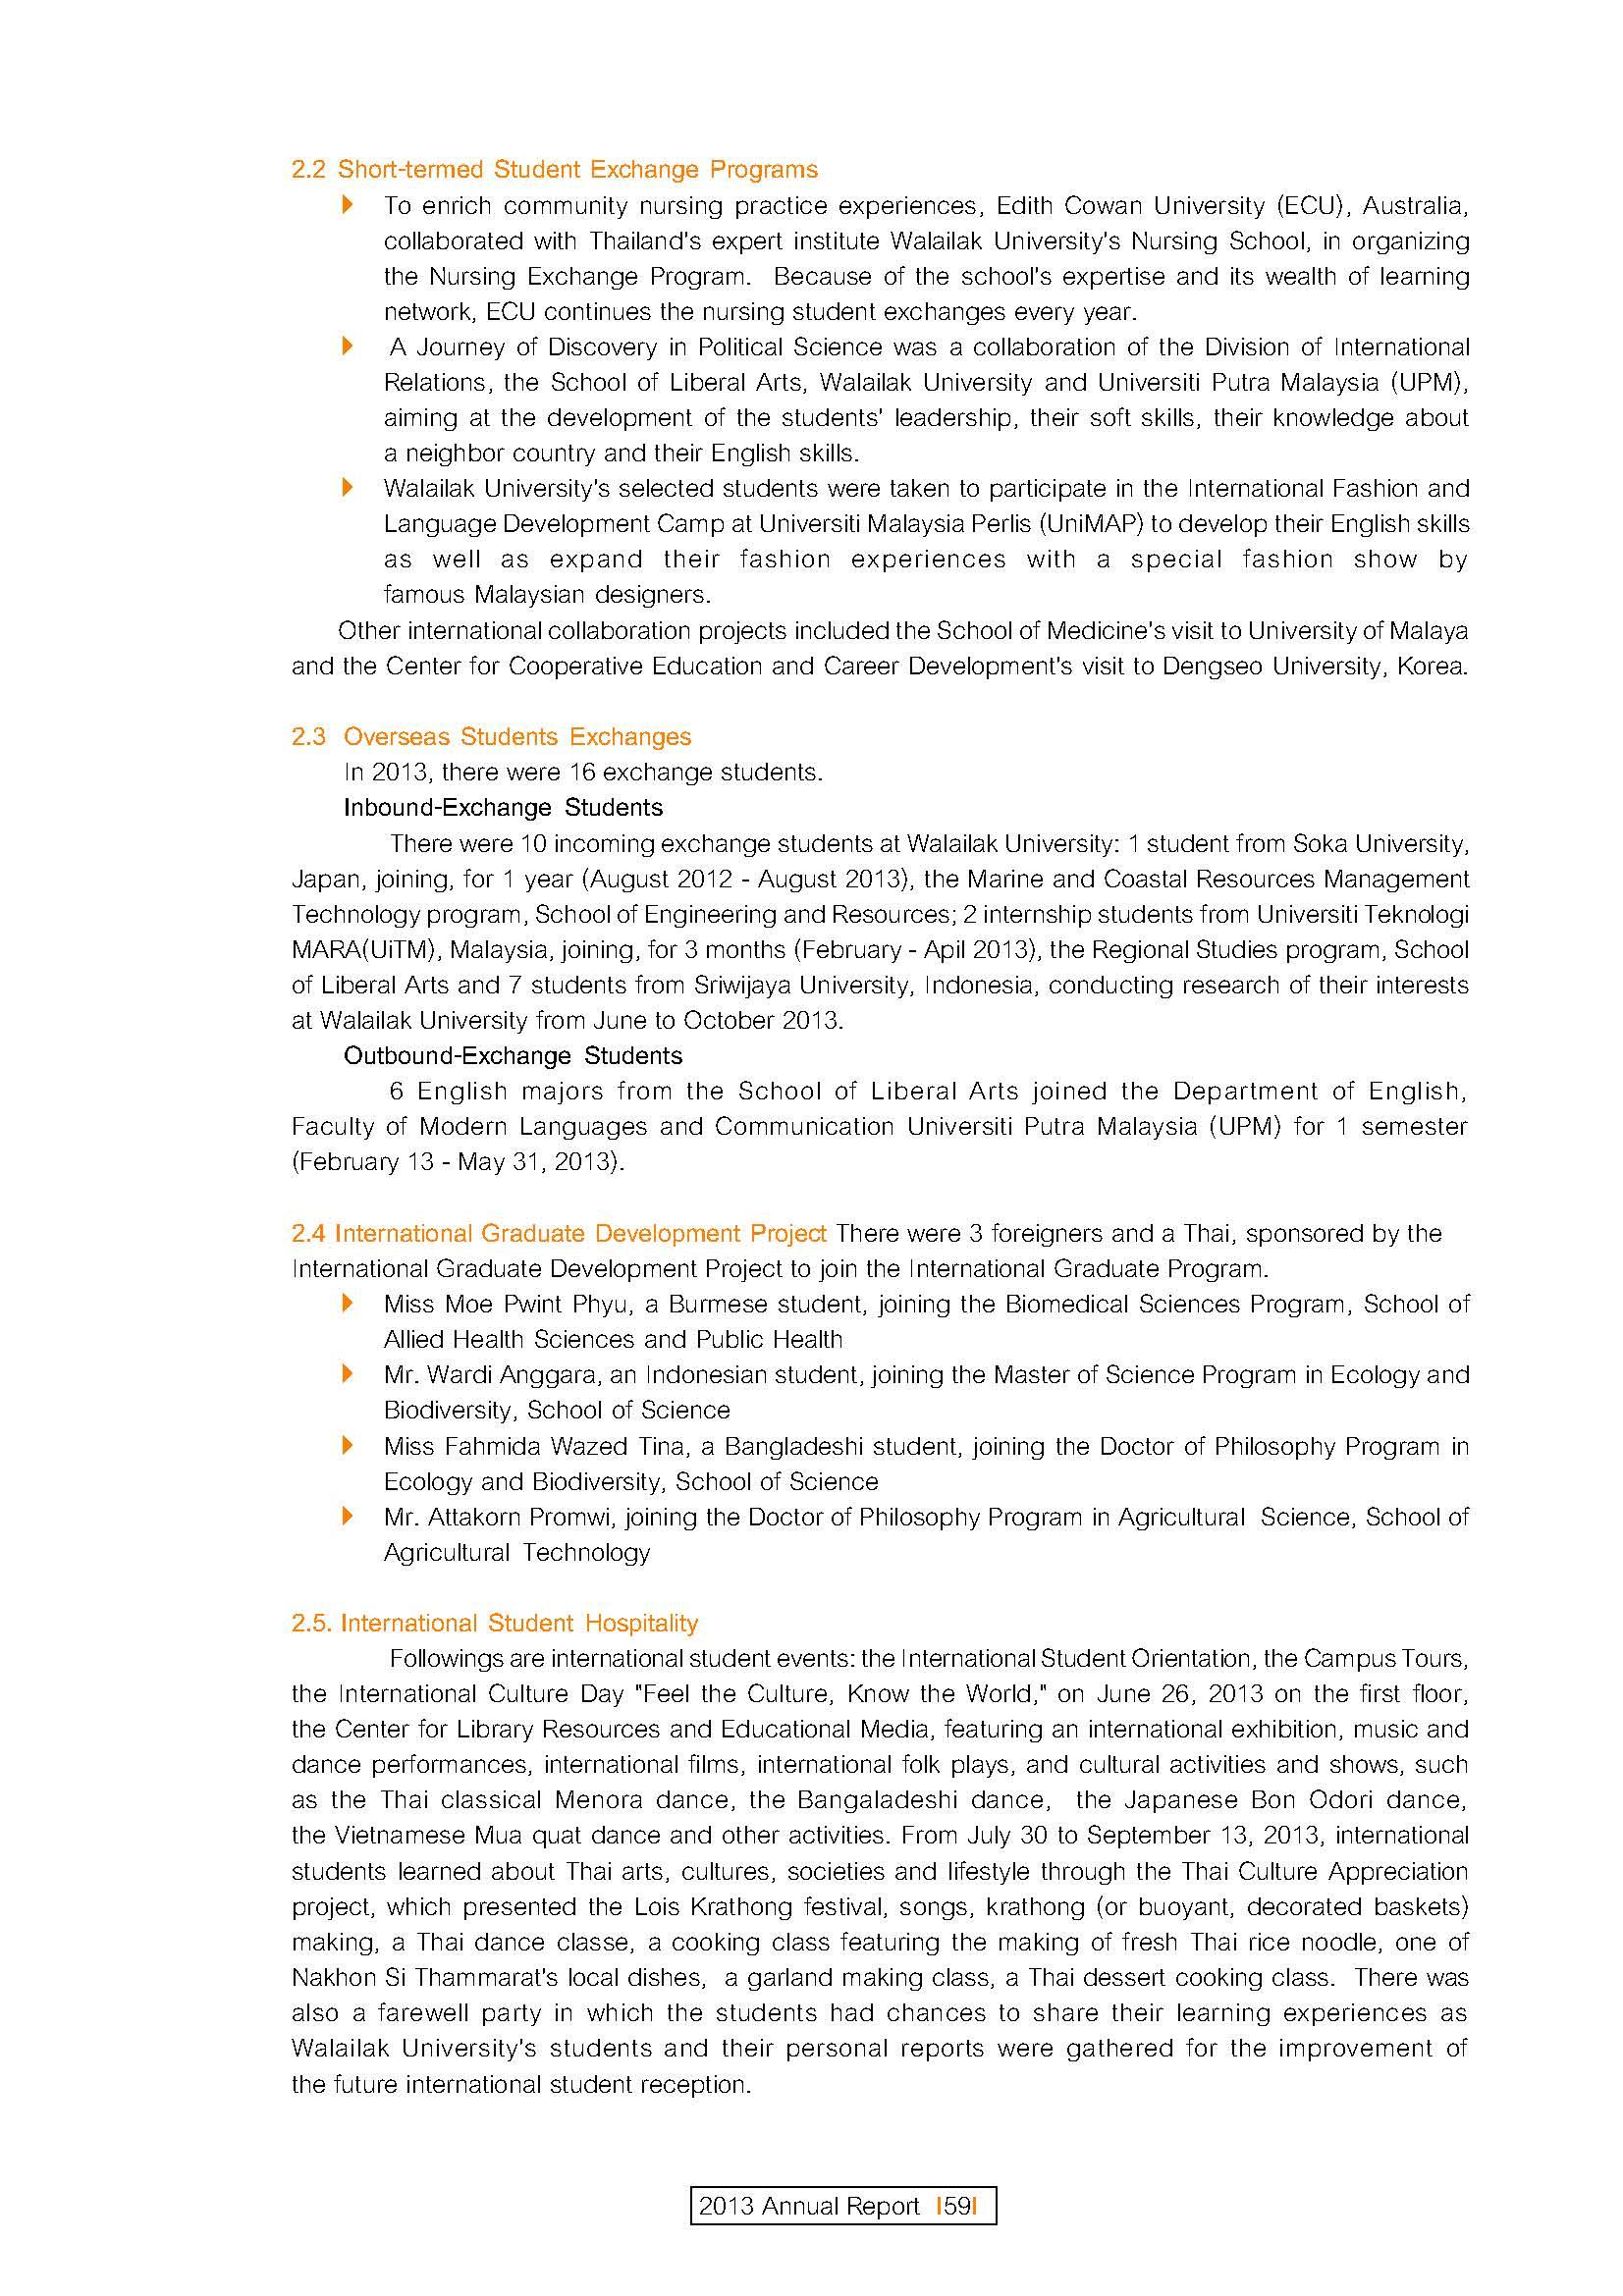 รายงานประจำปี2013ภาษาอังกฤษ_Page_59